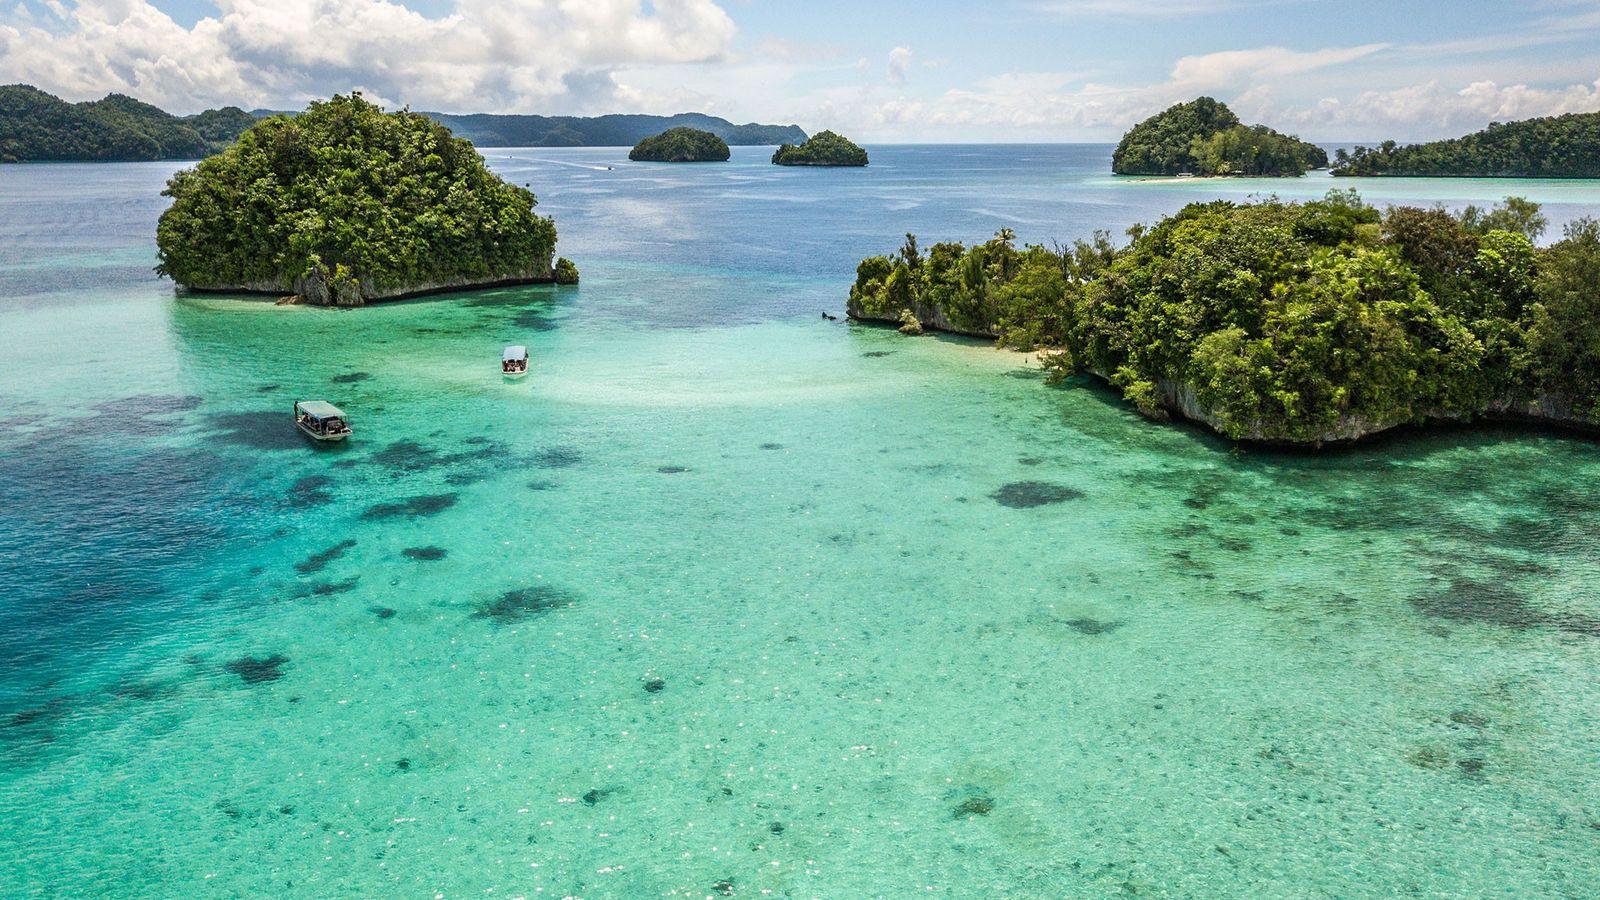 Besucher fahren mit Booten um die Rock Islands, einem UNESCO-Welterbe.